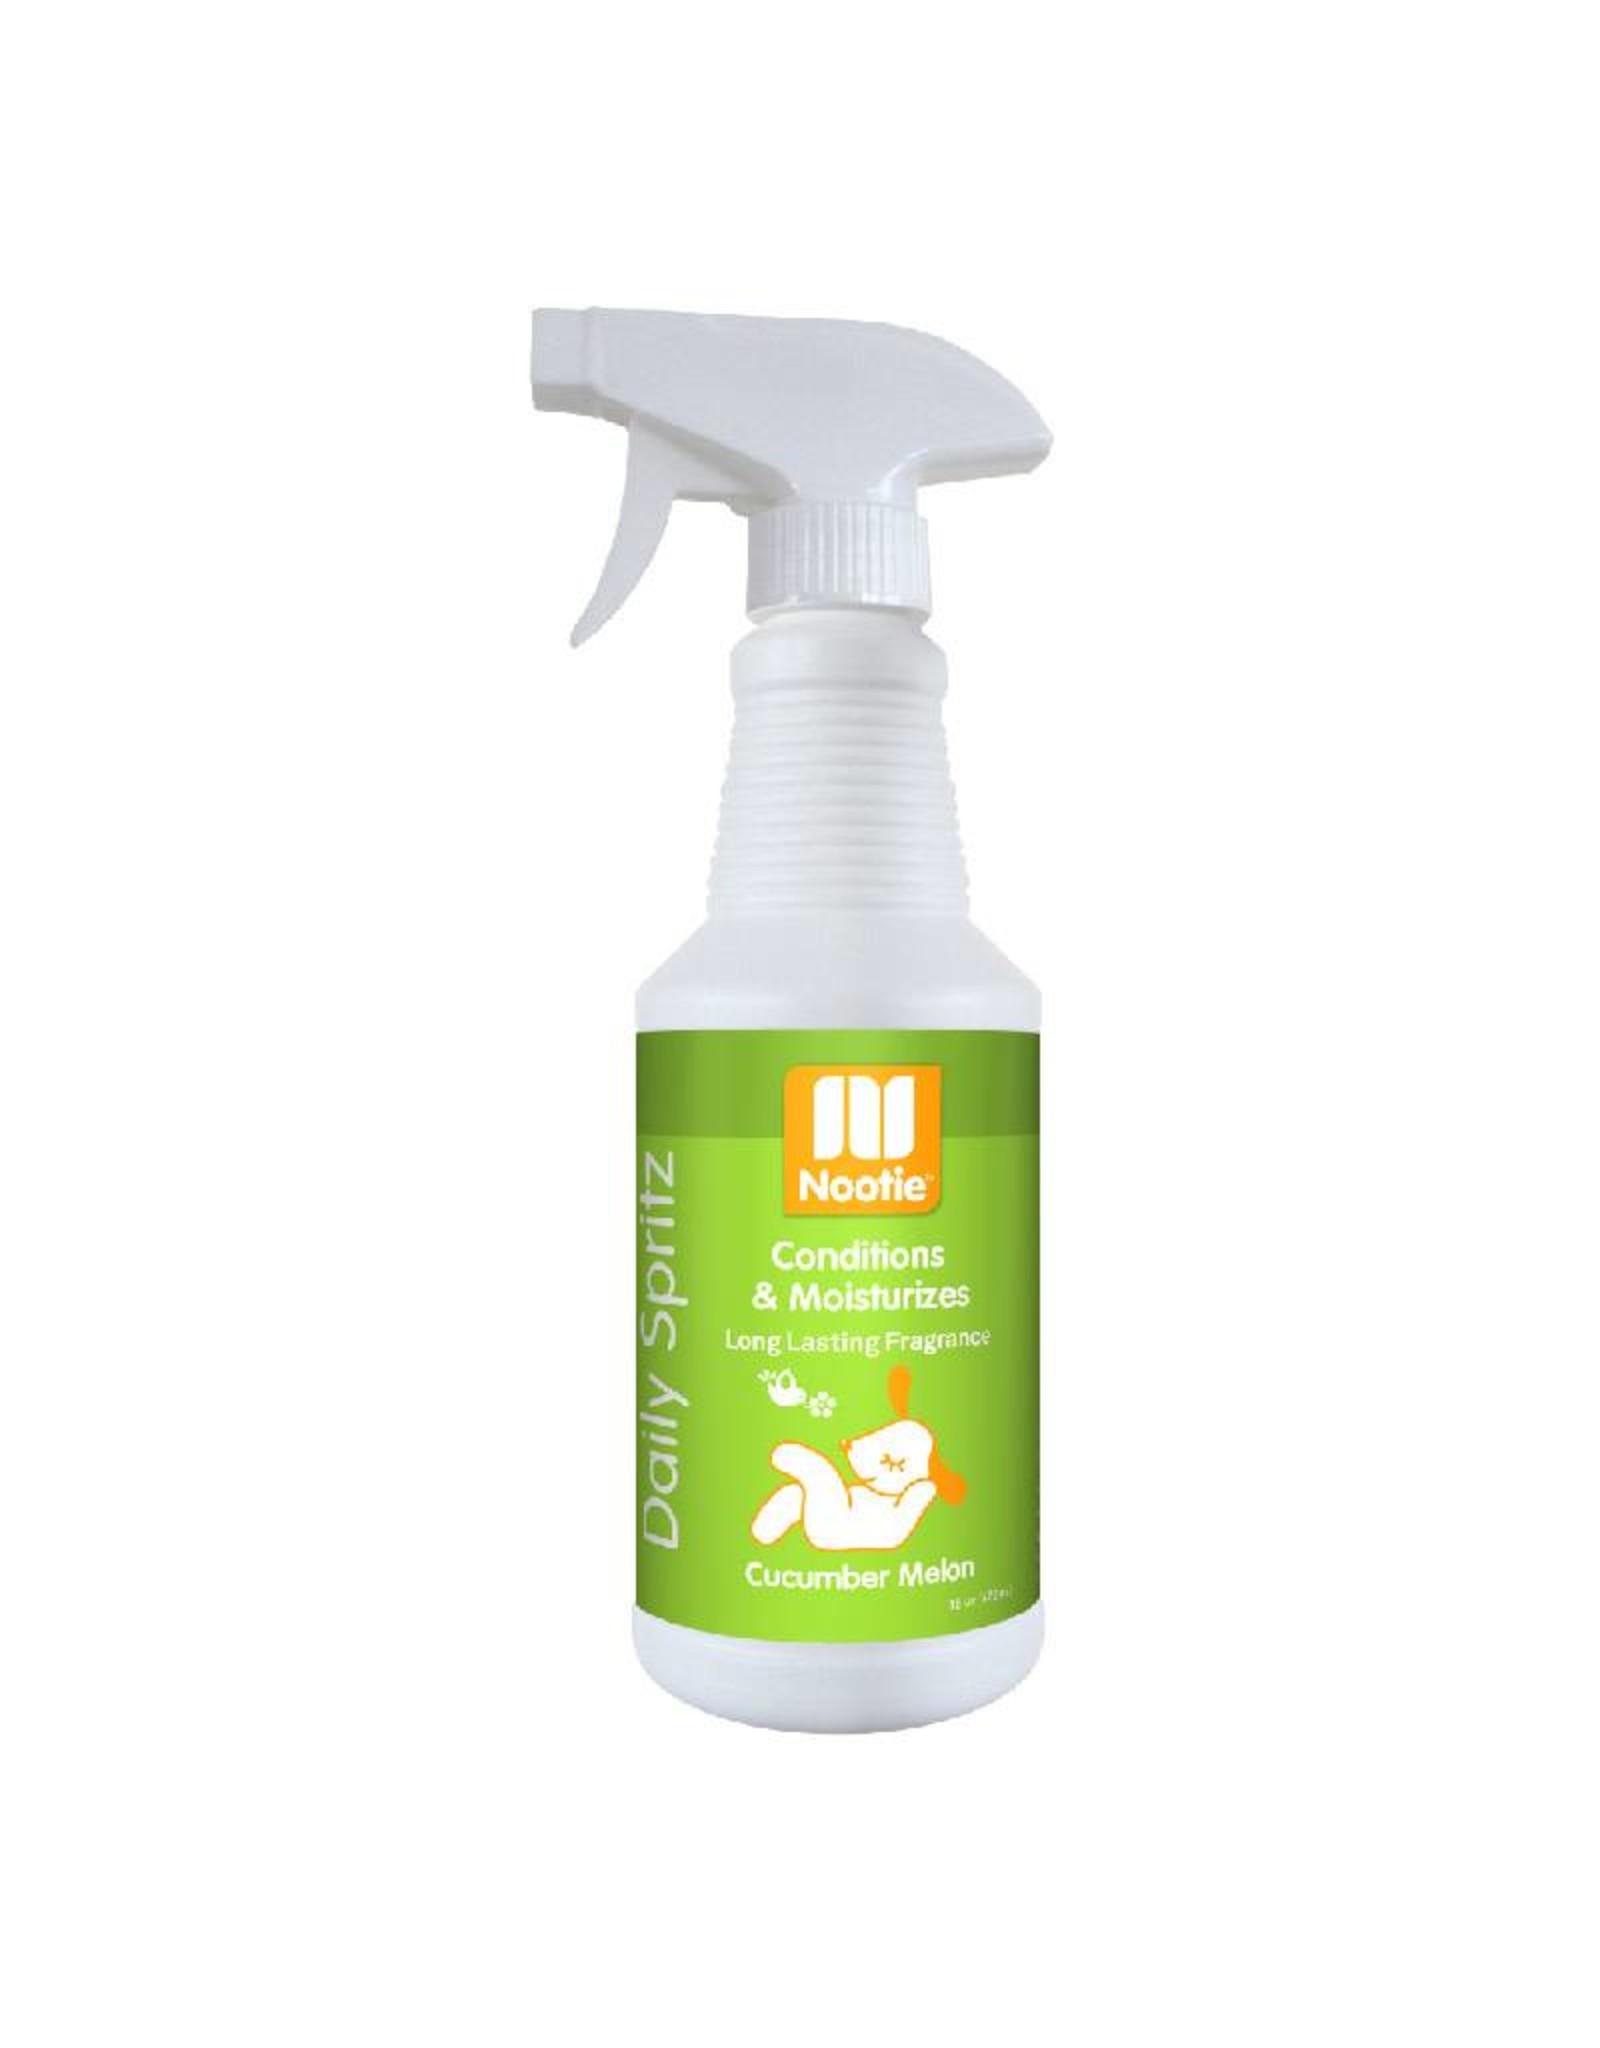 Nootie Nootie | Daily Spritz Conditioning and Moisturizing Spray – Cucumber Melon